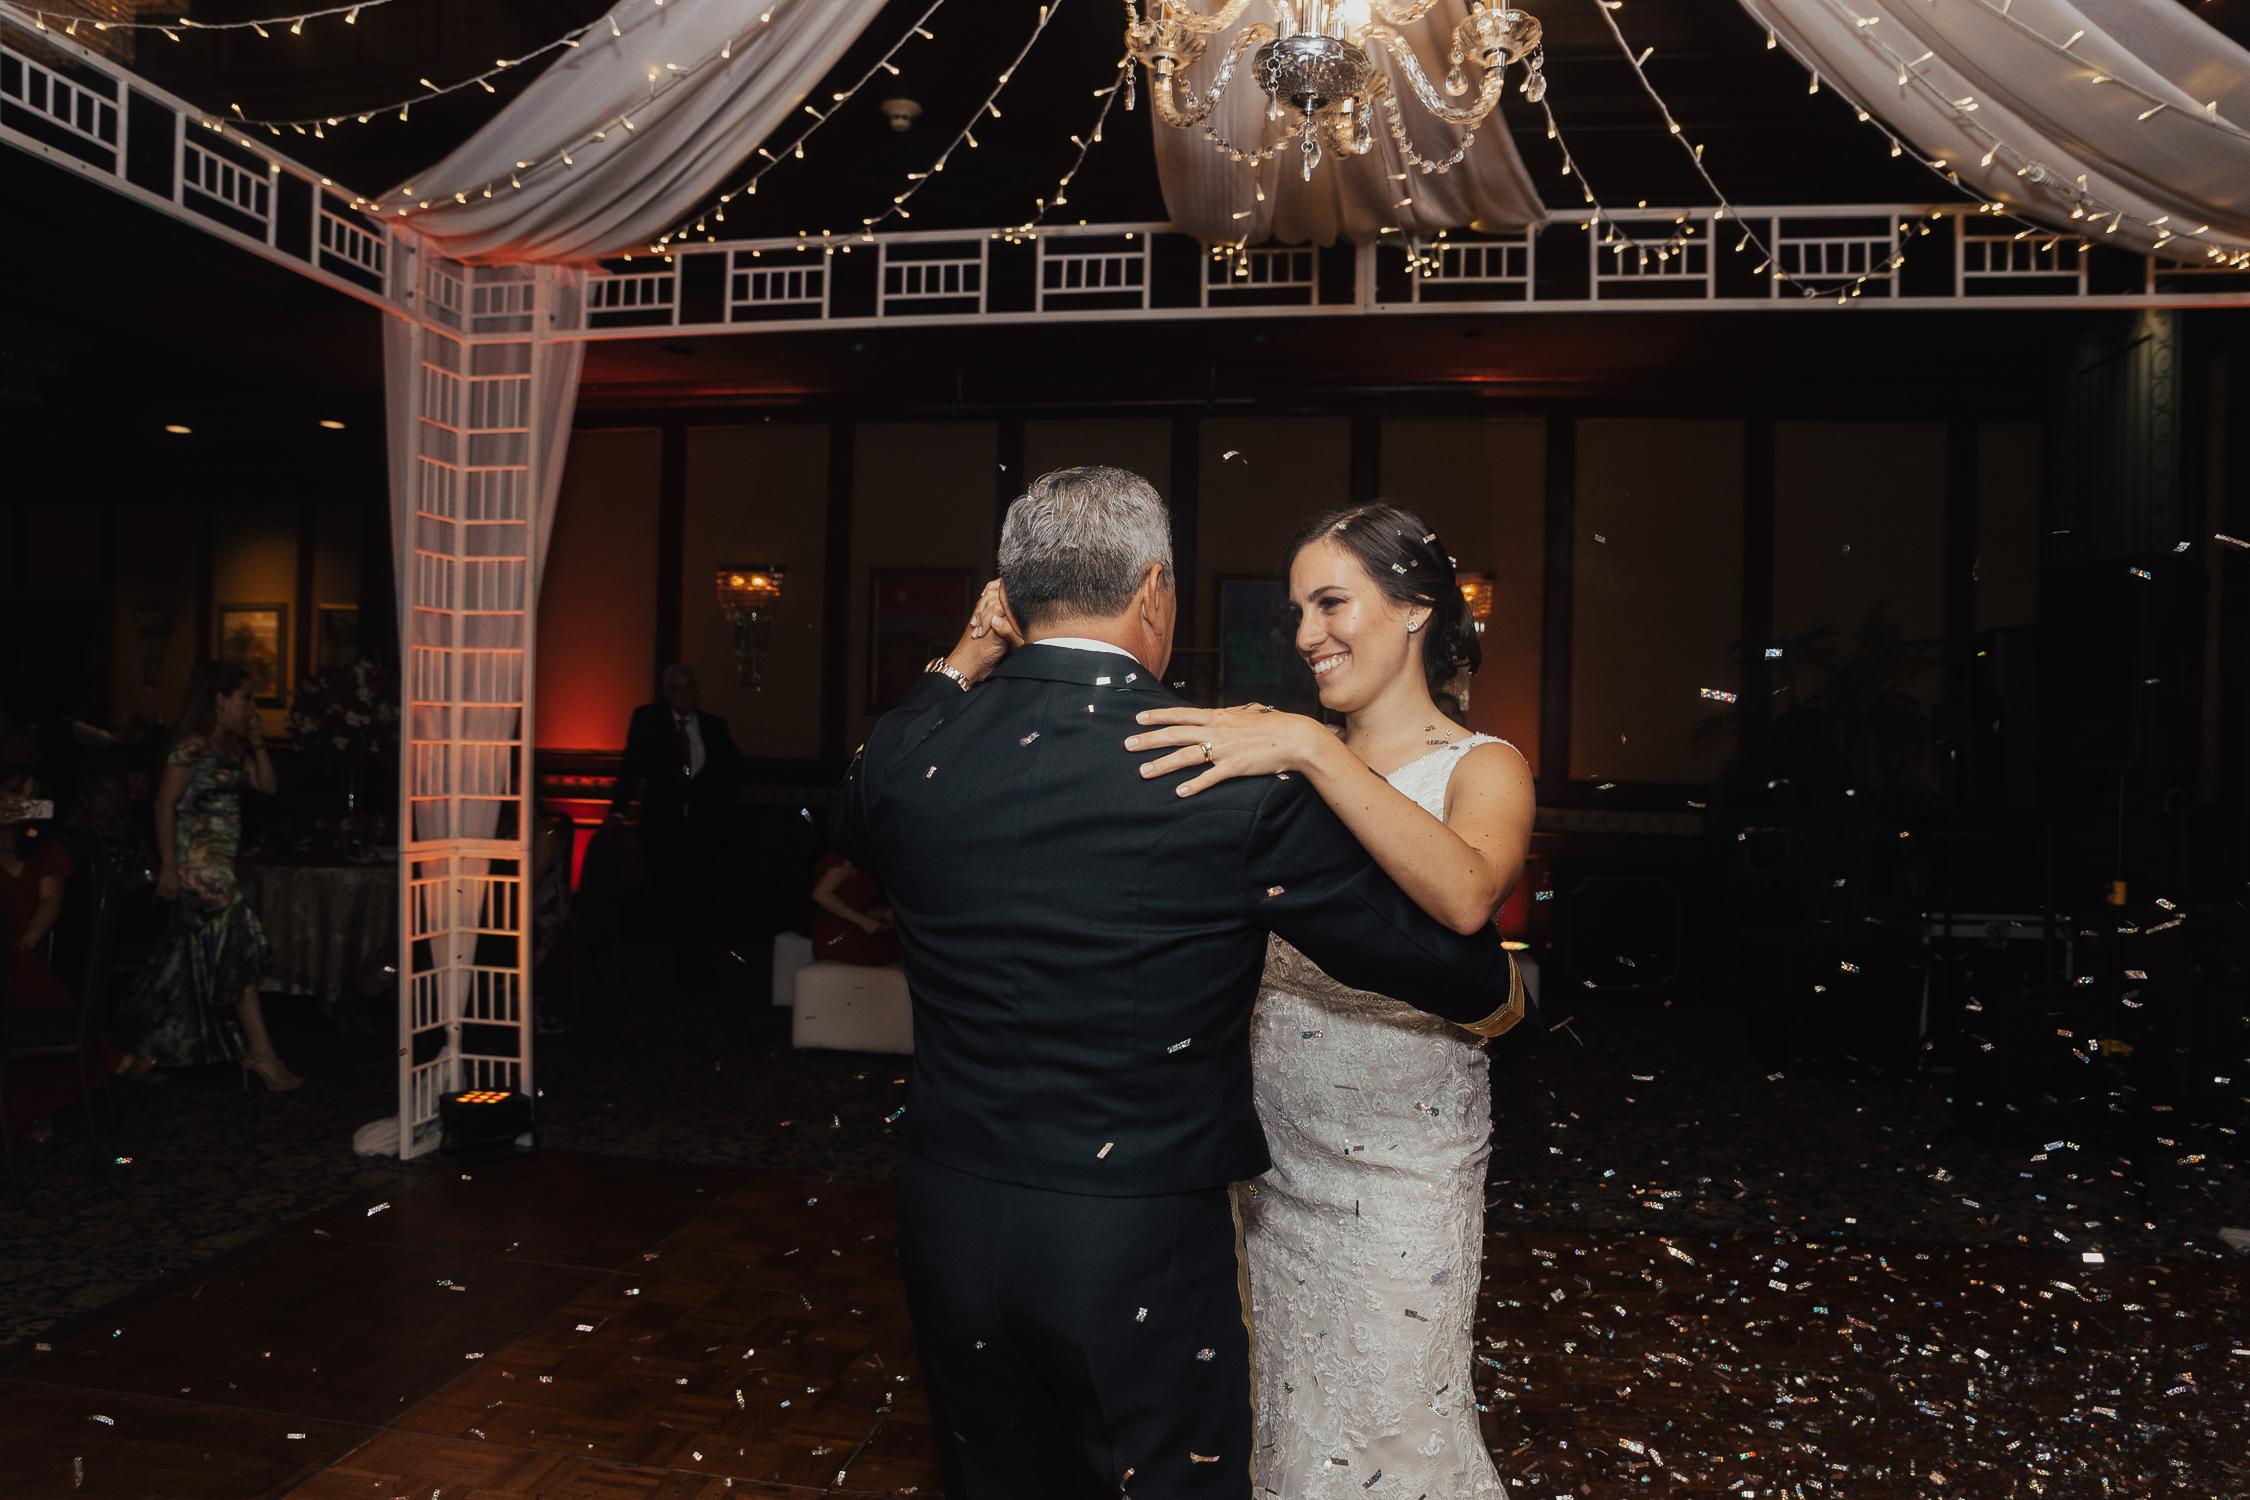 Michelle-Agurto-Fotografia-Bodas-Ecuador-Destination-Wedding-Photographer-Ecuador-Mercedes-Alvaro-165.JPG